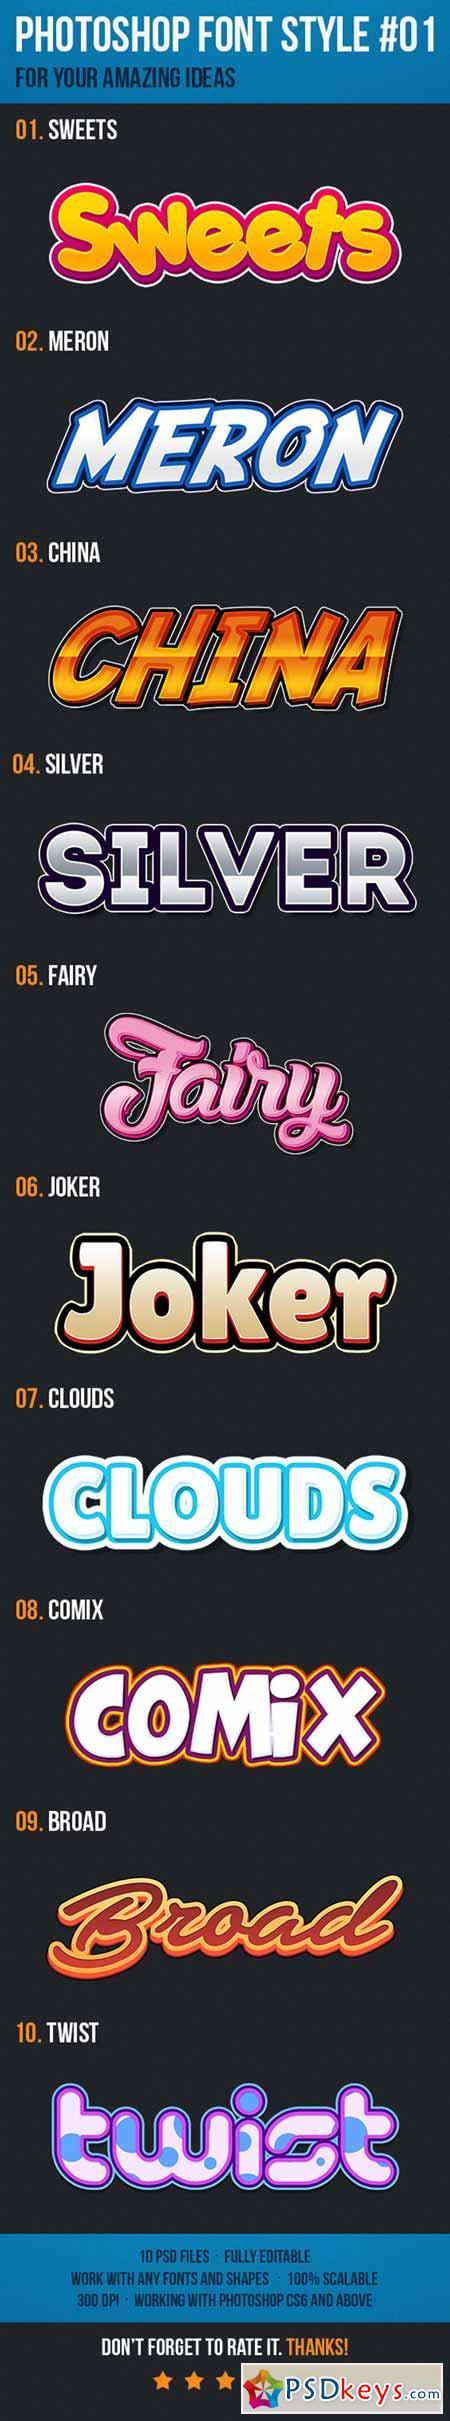 dating game logo font free